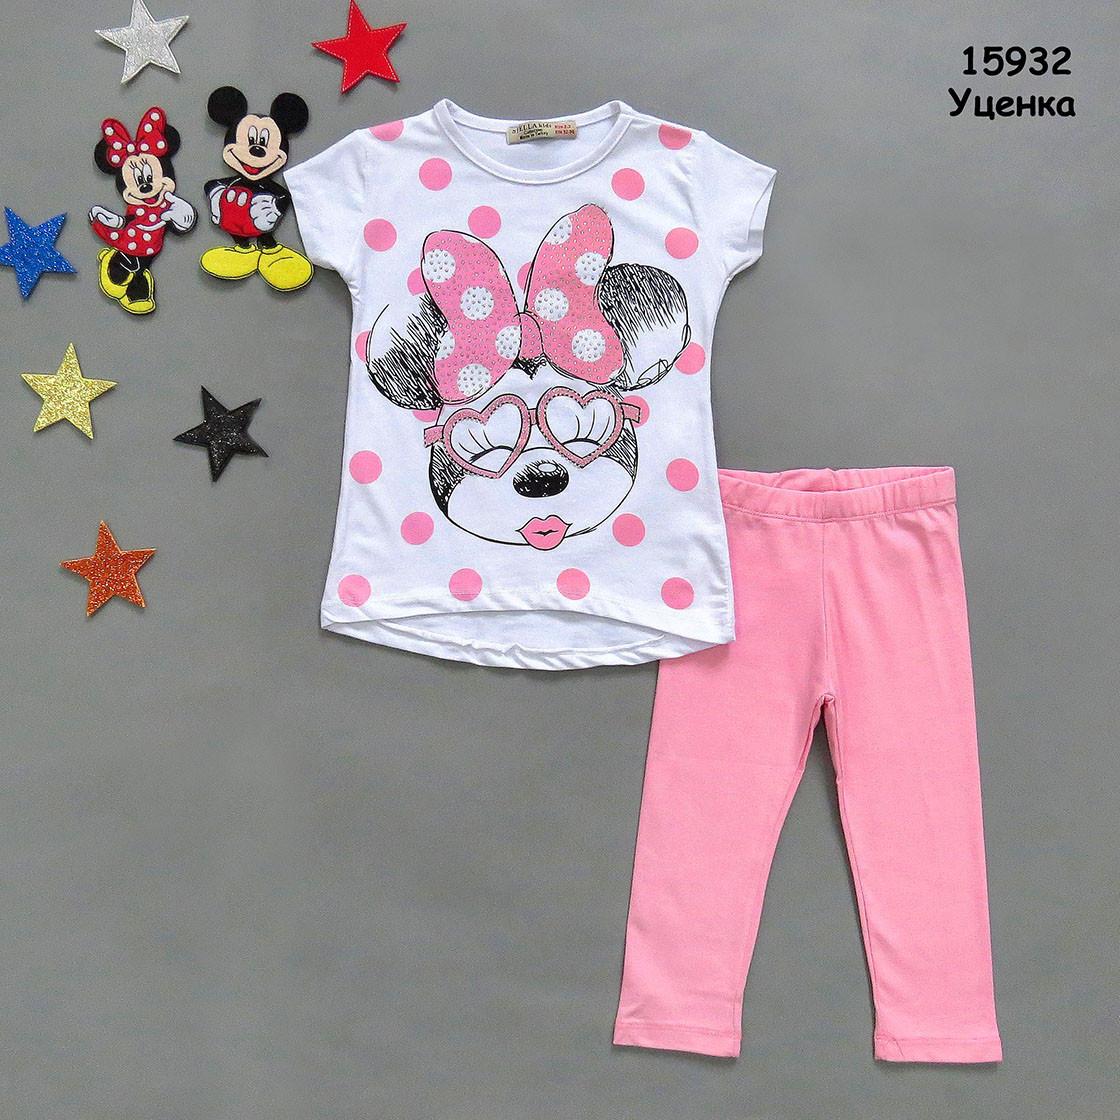 Летний костюм Minnie Mouse для девочки. 4-5 лет